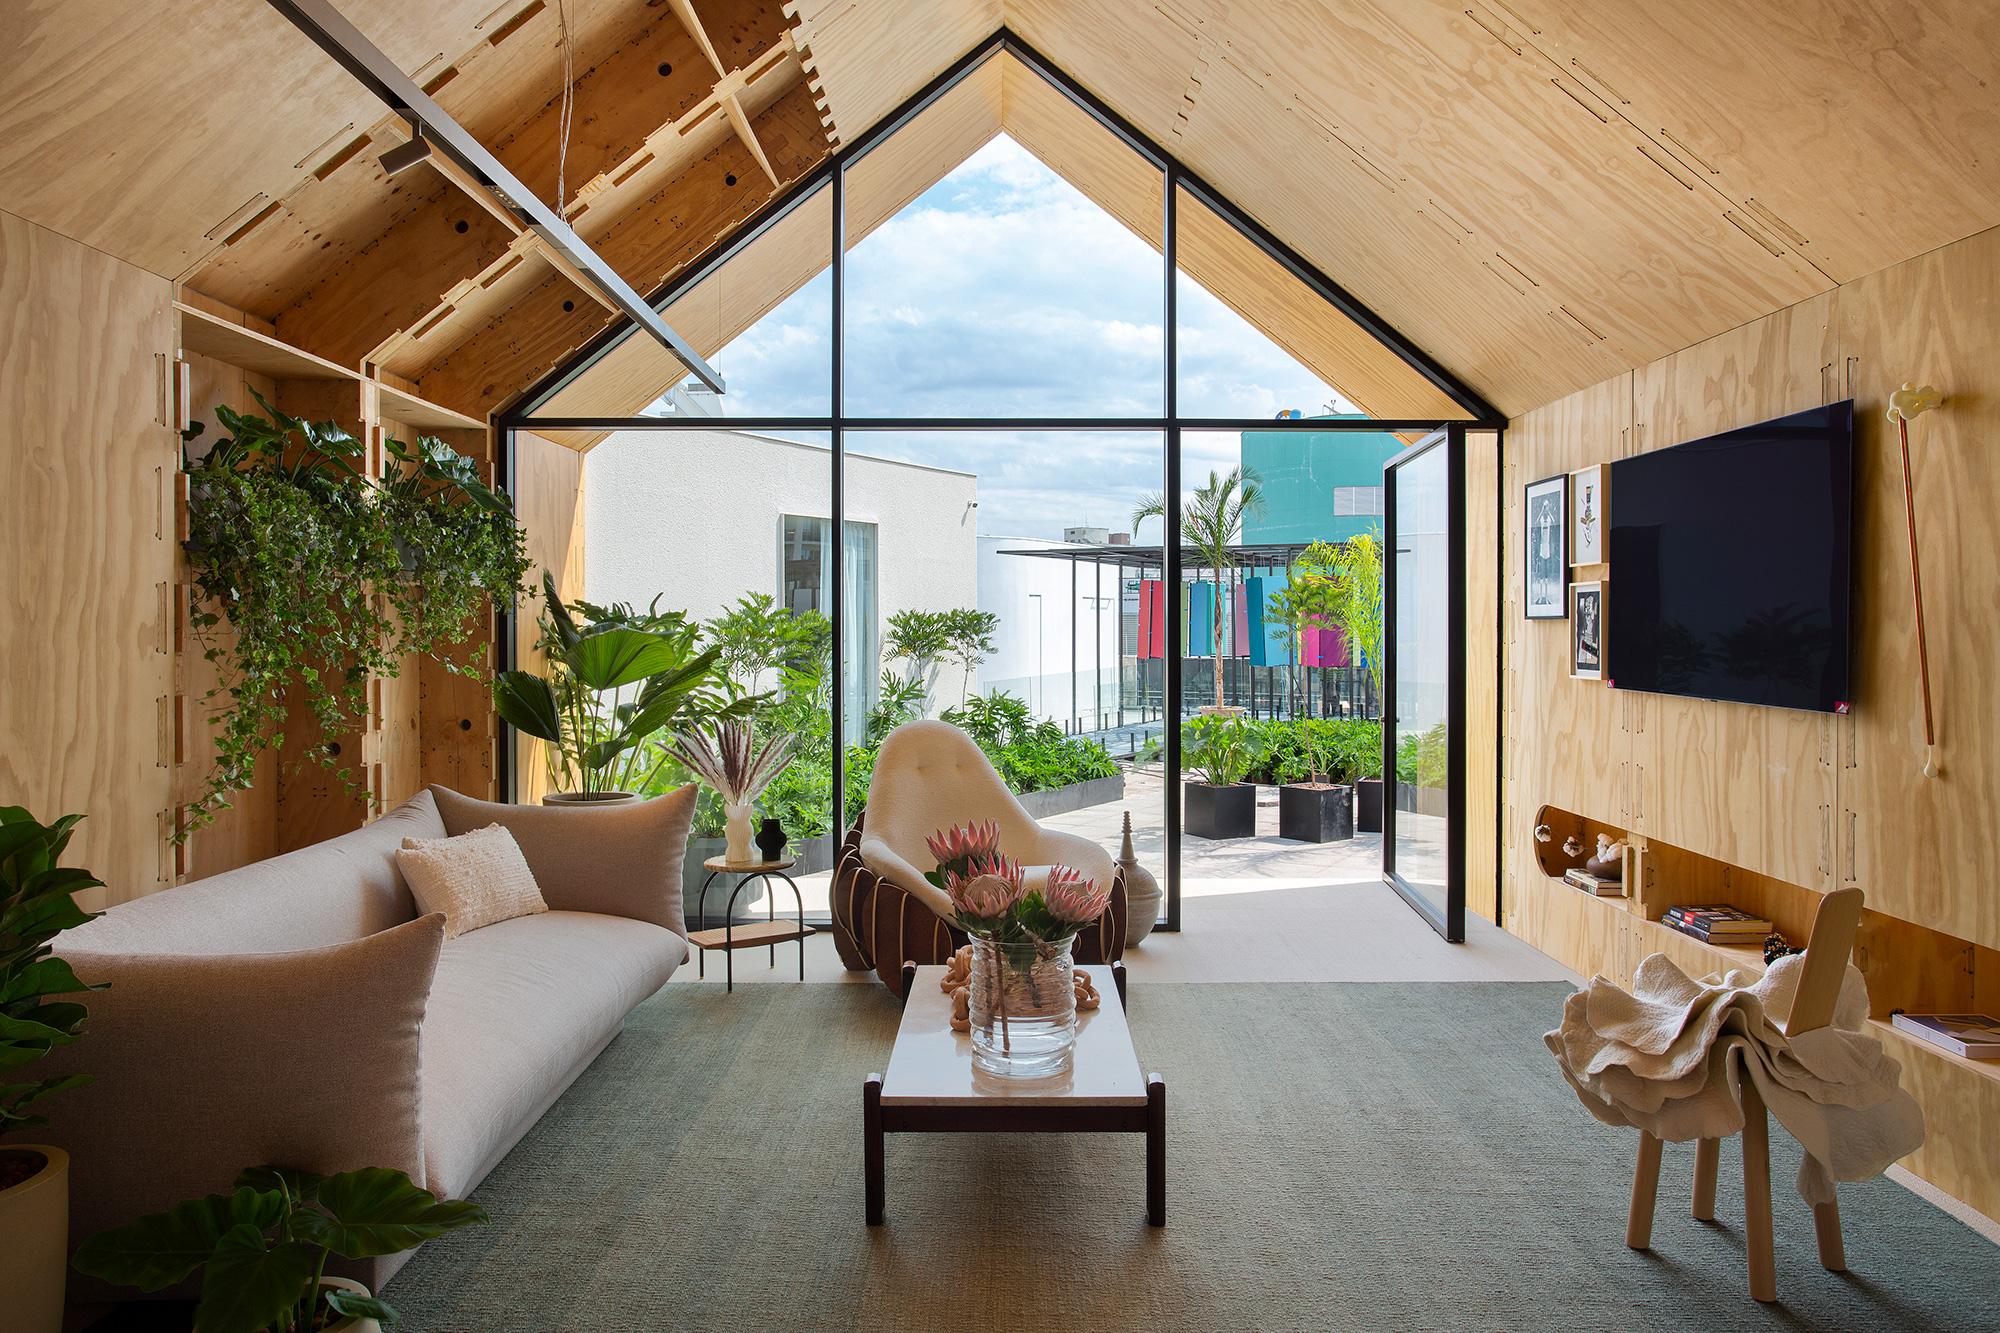 Estudio Guto Requena - Casa LG ThinQ, projeto da CASACOR São Paulo 2021.